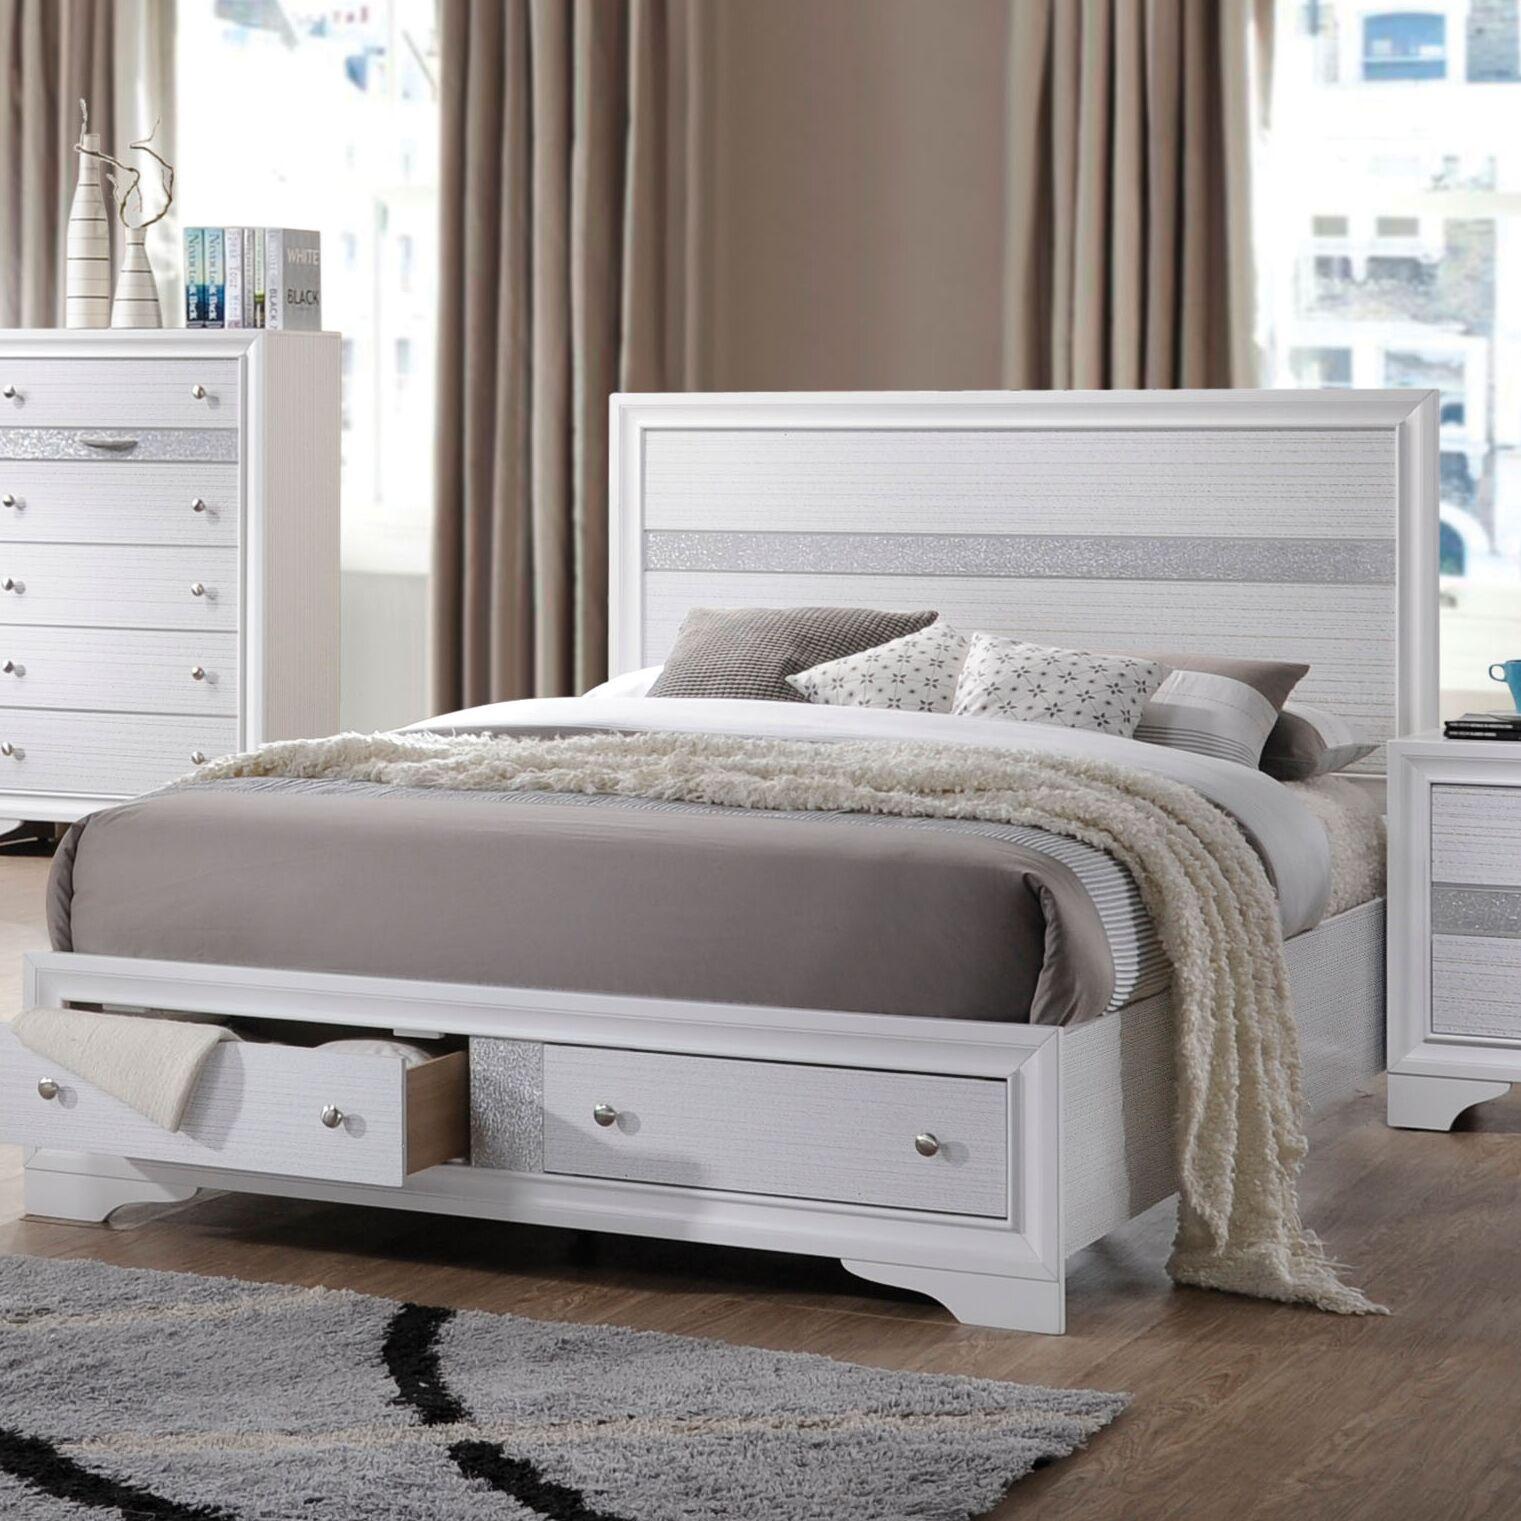 Cecelia Storage Platform Bed Size: Eastern King